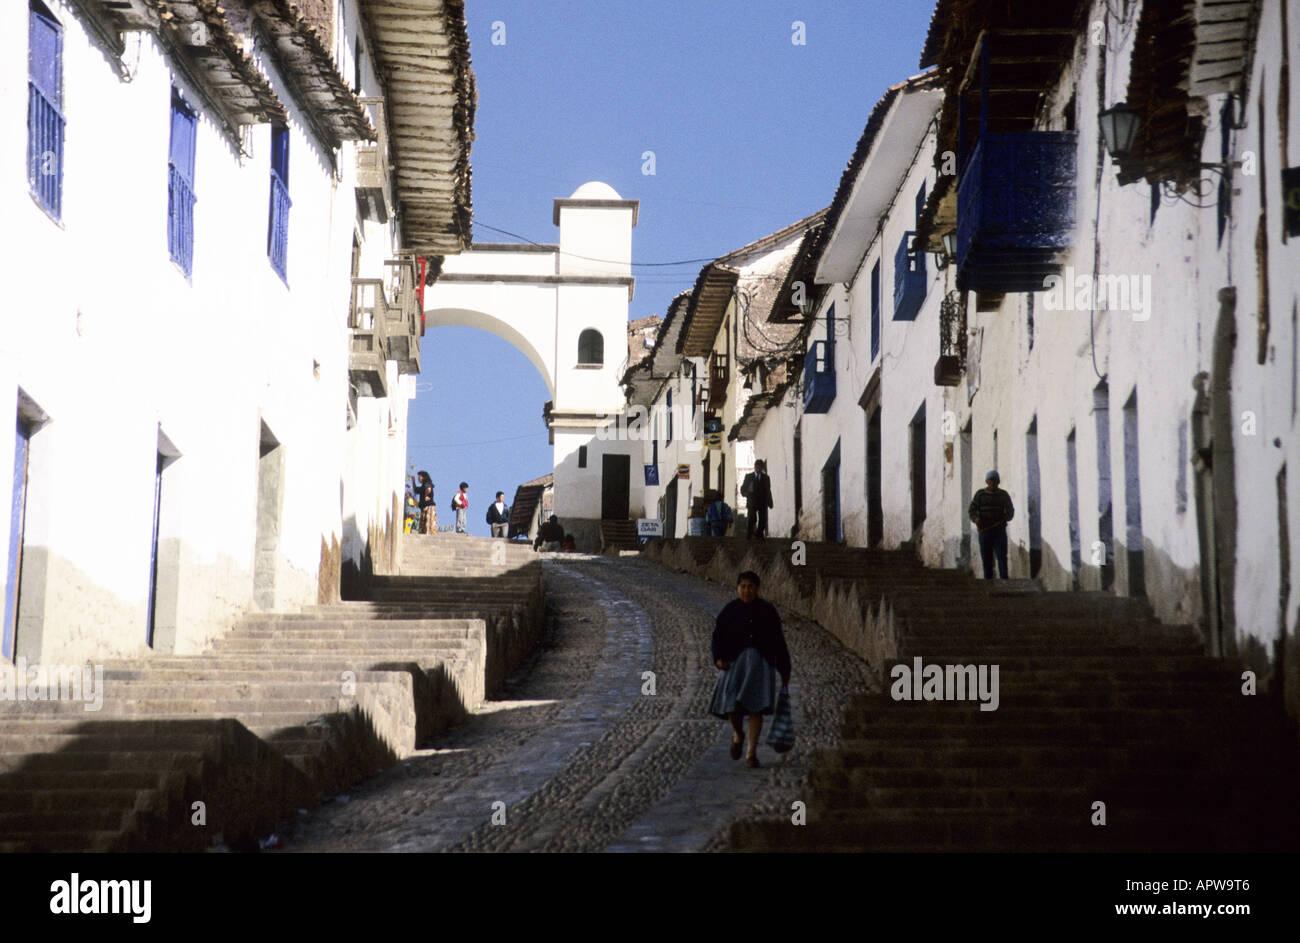 Vecchie case di spagnolo con pareti bianche la linea di una ripida strada a  Cuzco e5c99024f236